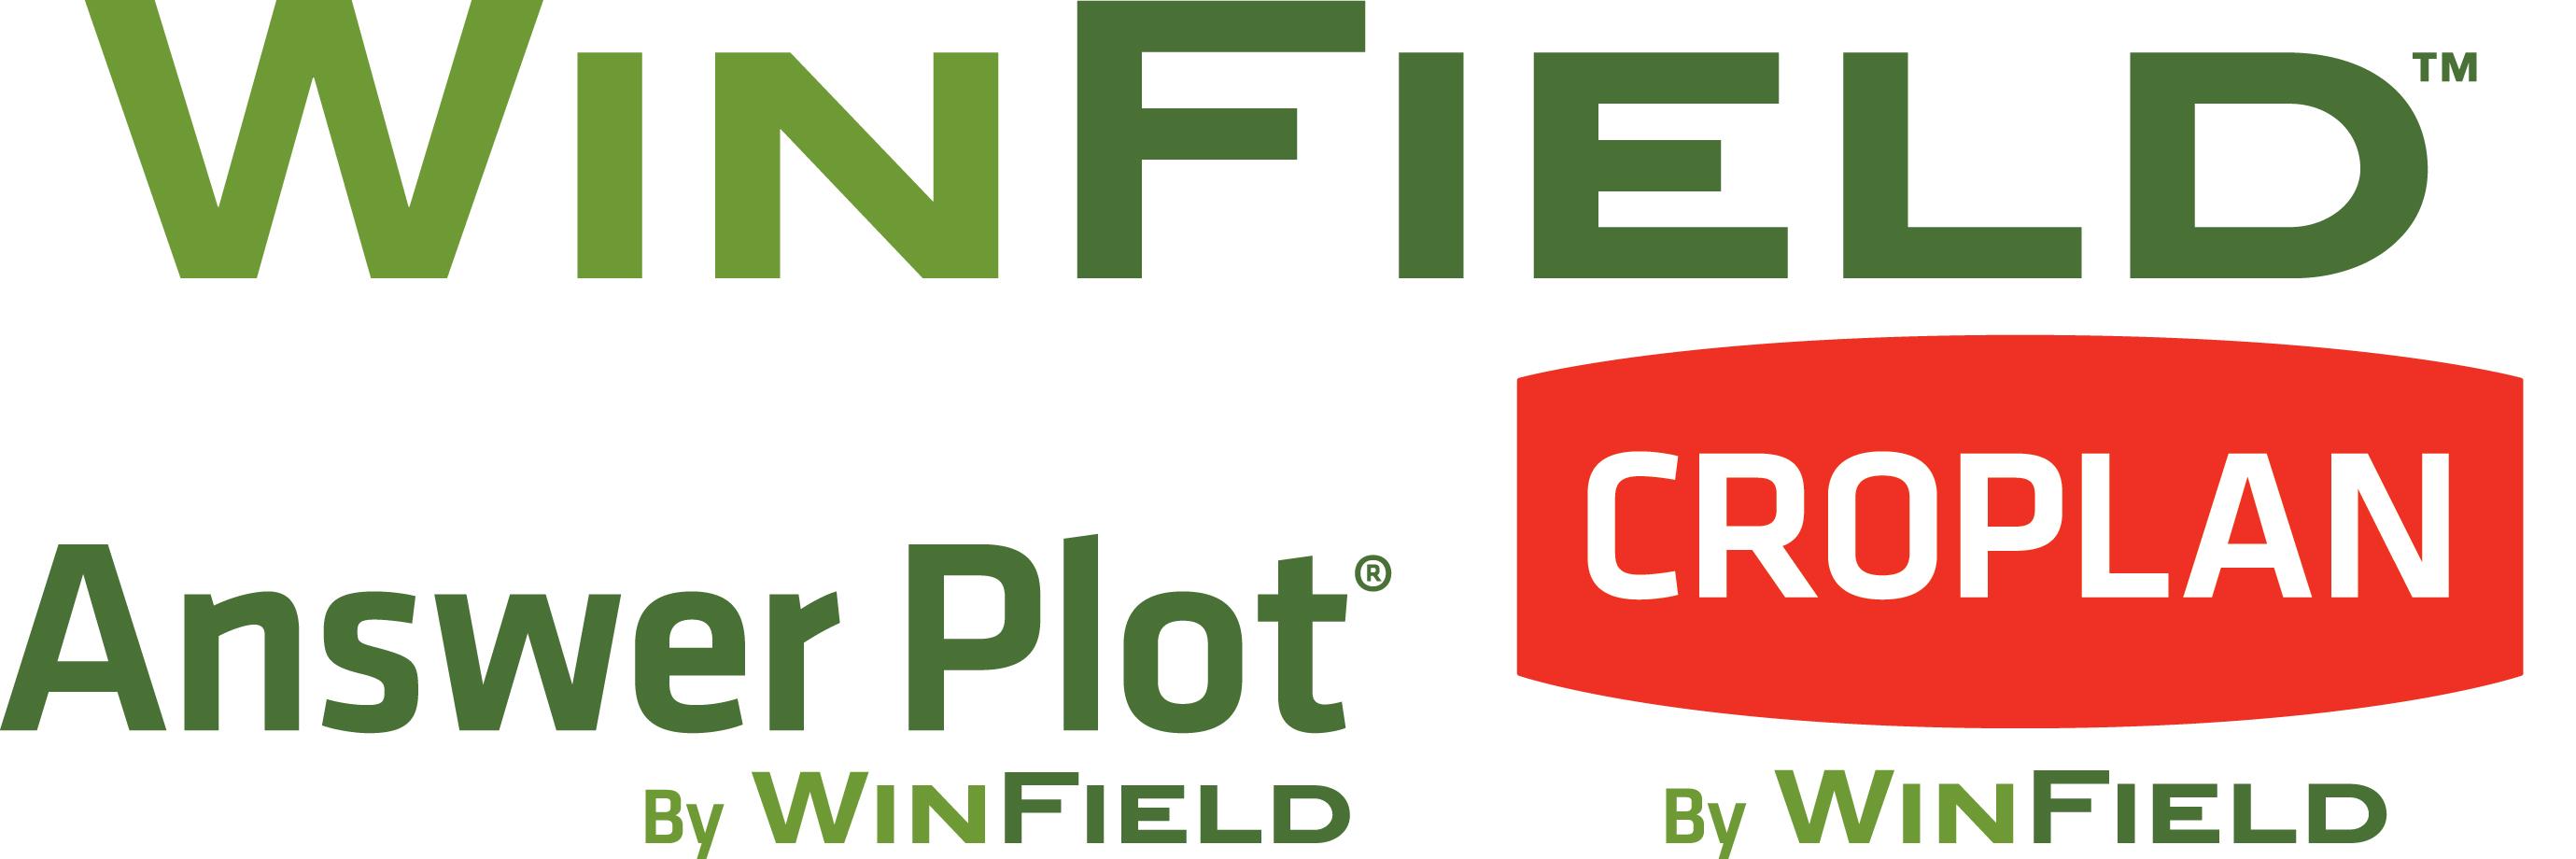 Winfield/Answer Plot